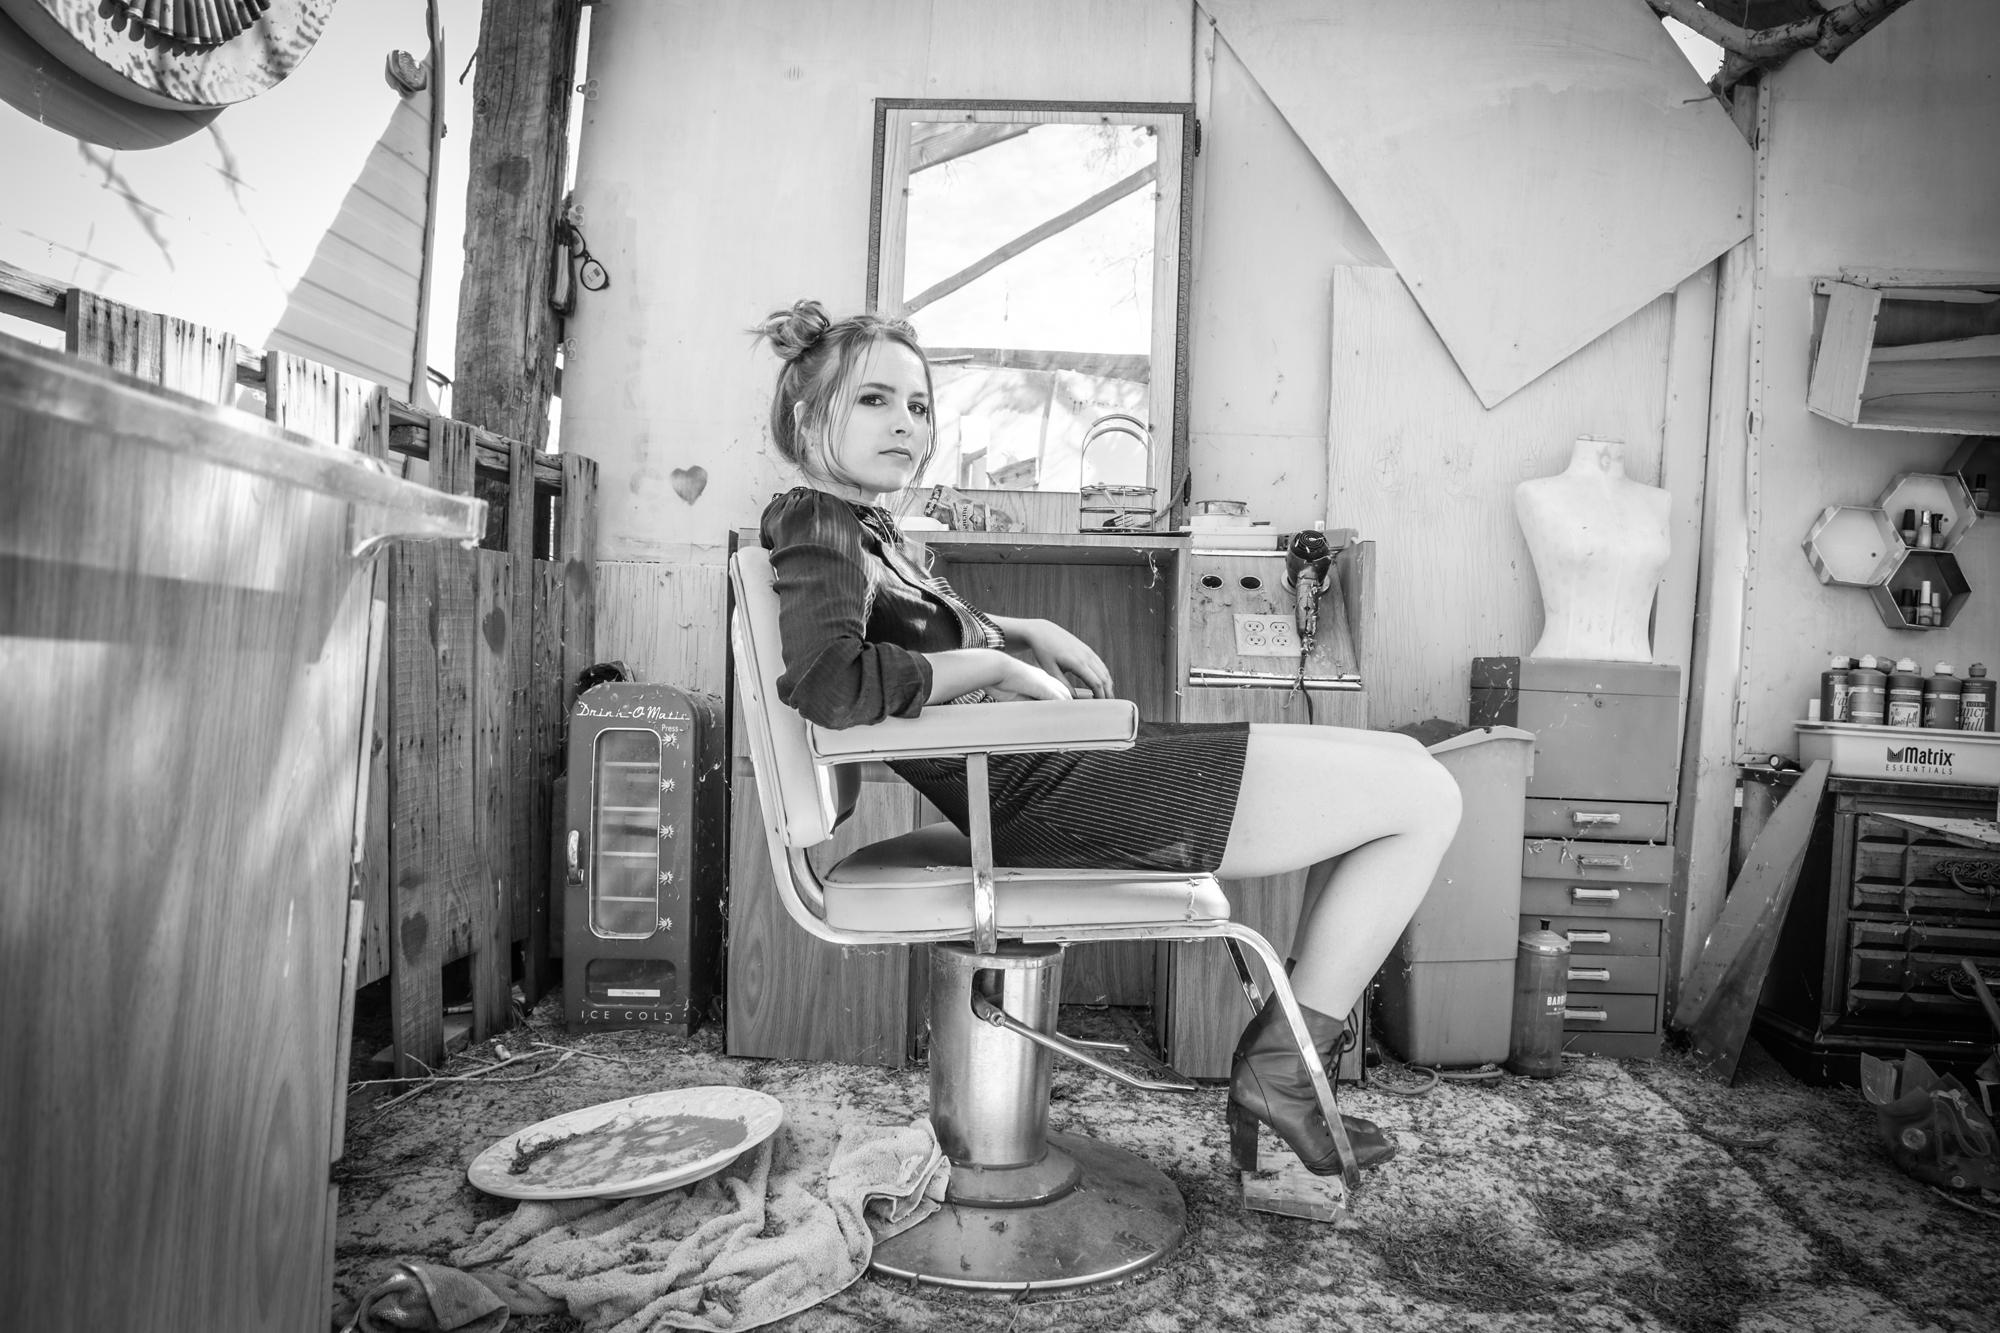 Bridgit Mendler 2016 2